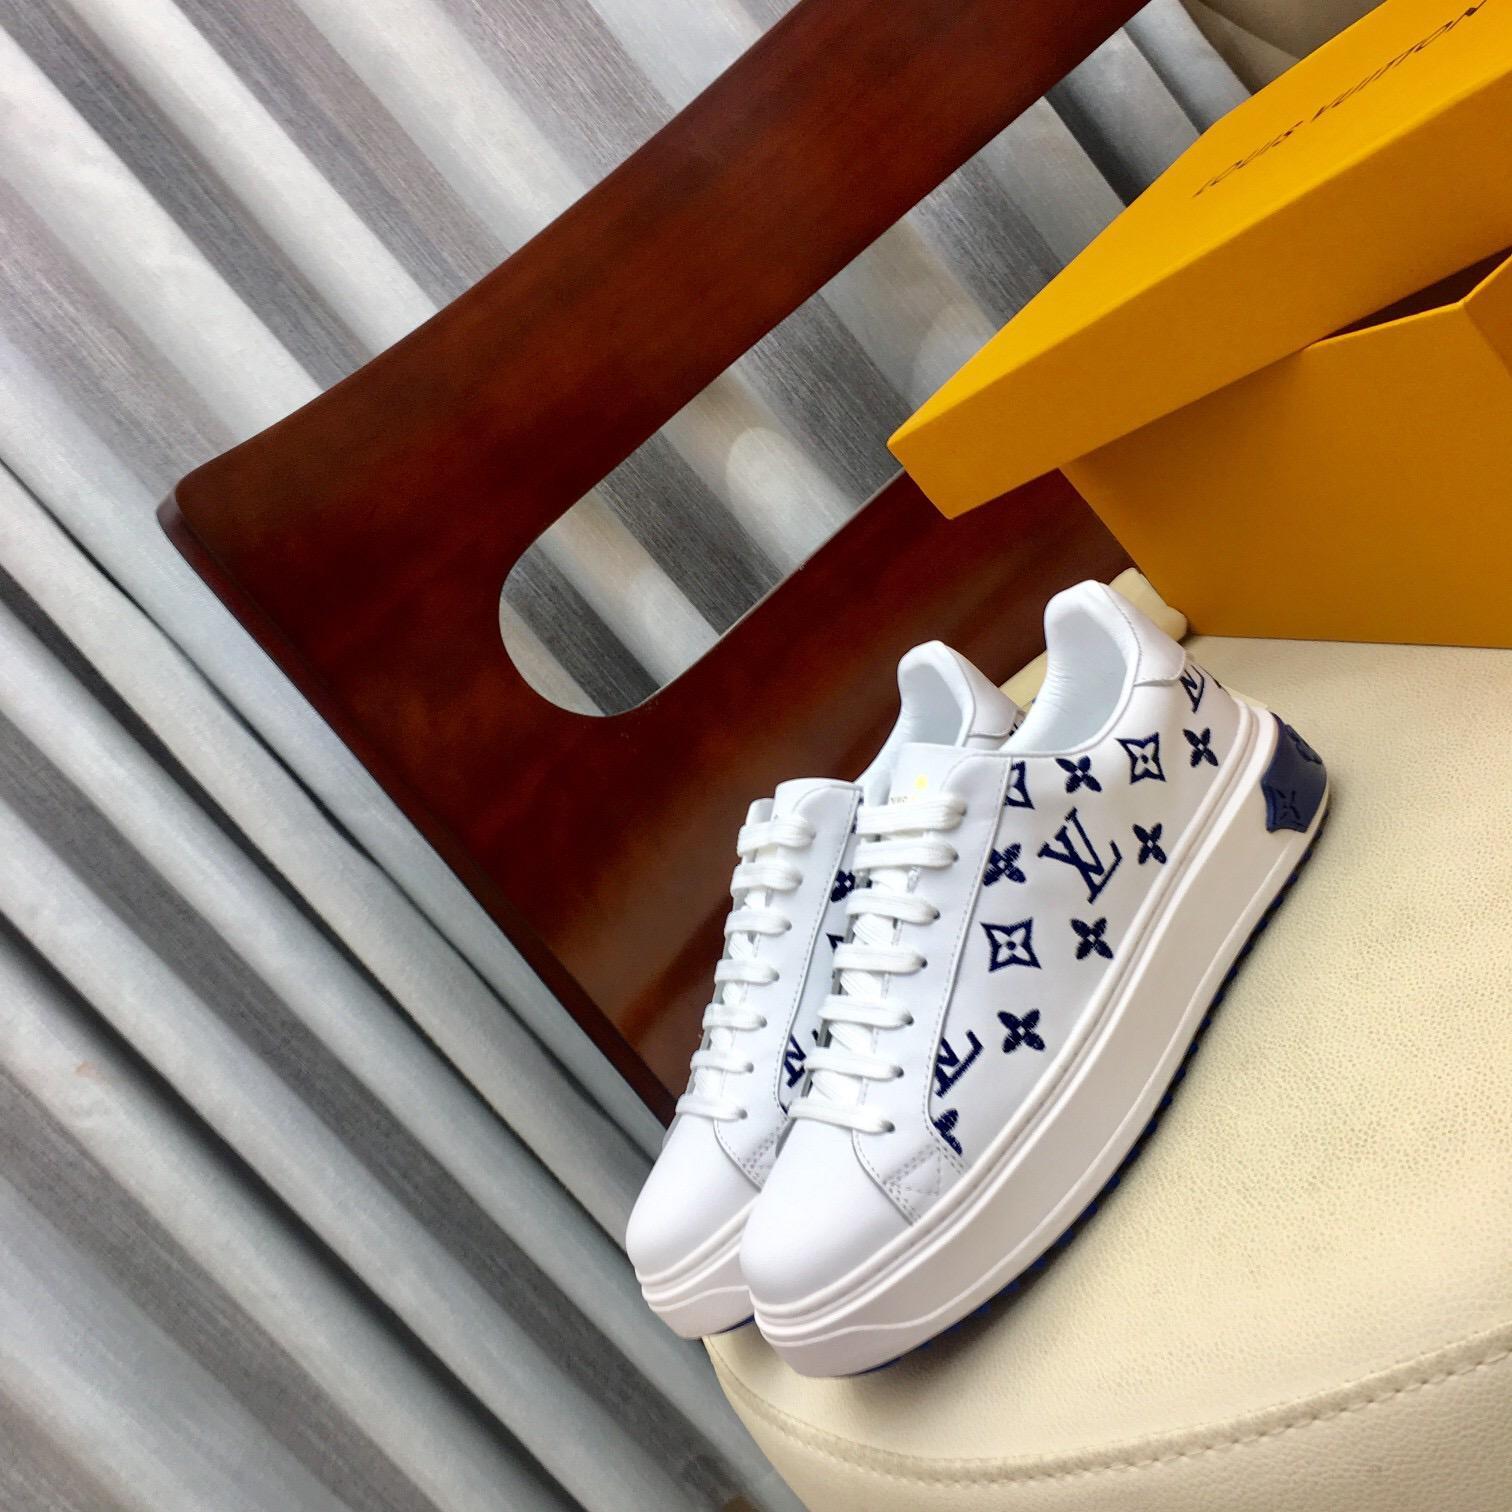 Mode Frauen Schuhe 2020 neue beiläufige Schuhe Plattform beiläufige hohe Qualität Paar flache Schuhe der Frauen mit Kasten Verschiffen